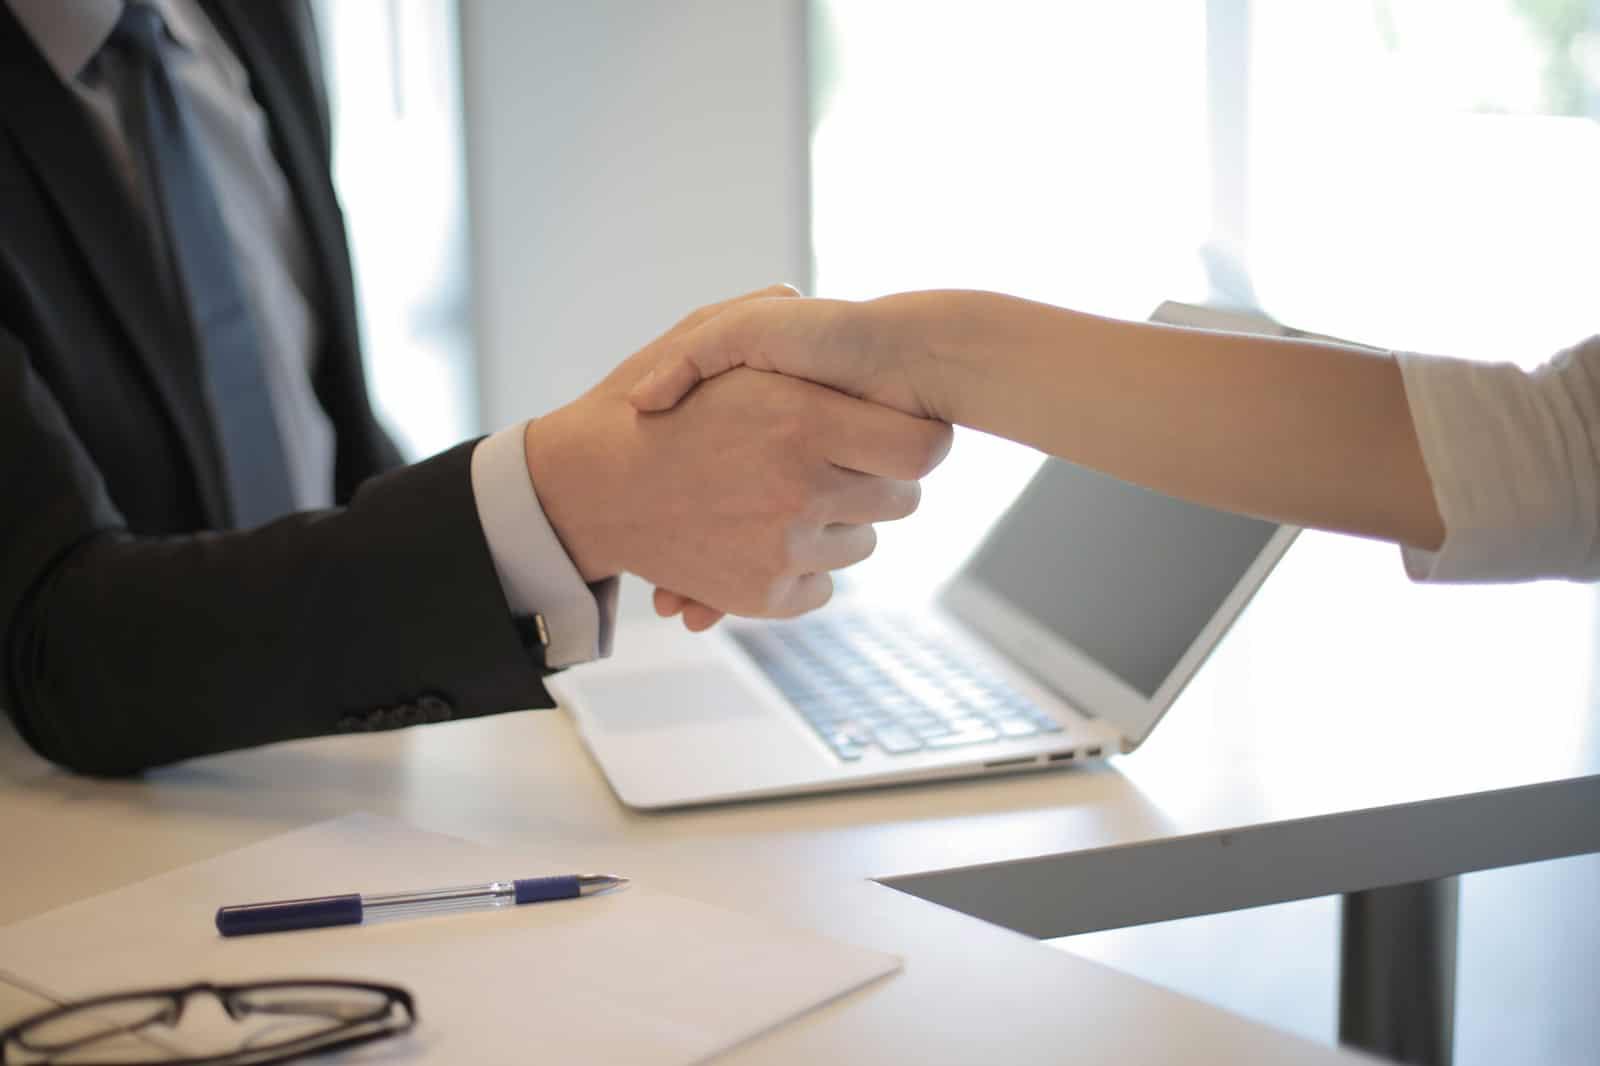 Schnell wieder mehr verkaufen: Fünf Strategien für Dynamik im Neustart